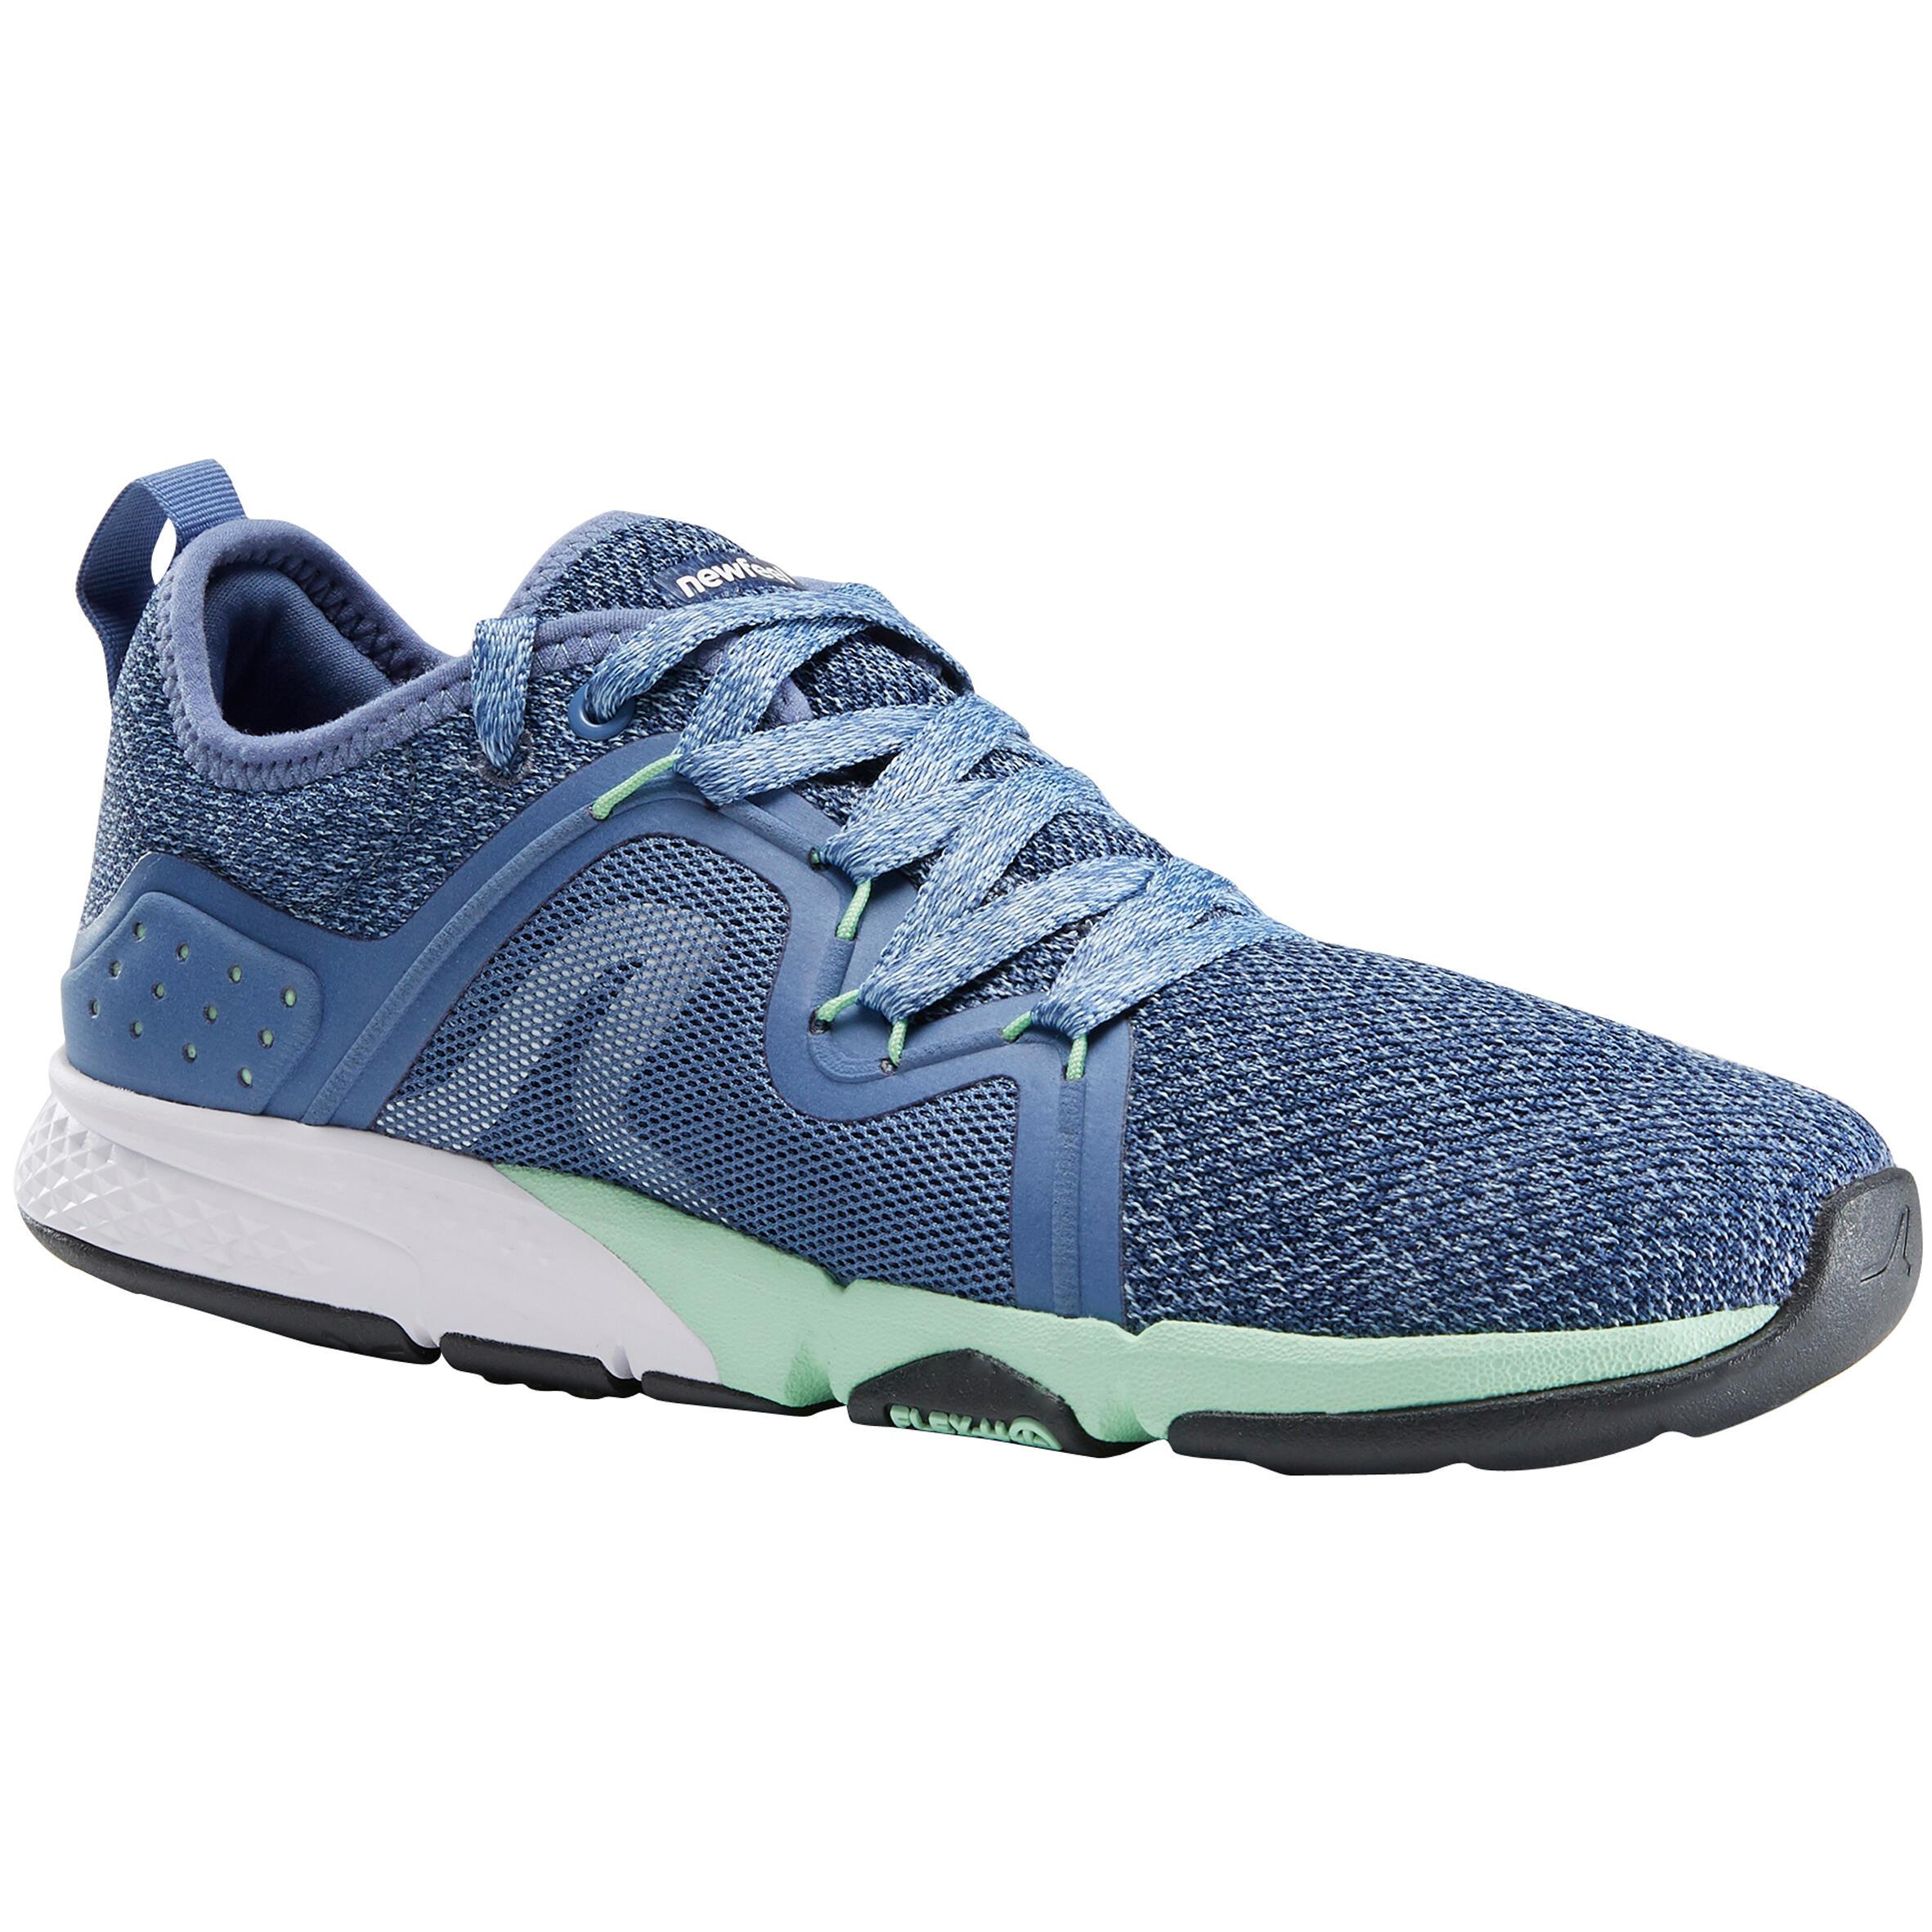 c41fae30 Comprar Zapatillas de Andar para Mujer | Decathlon